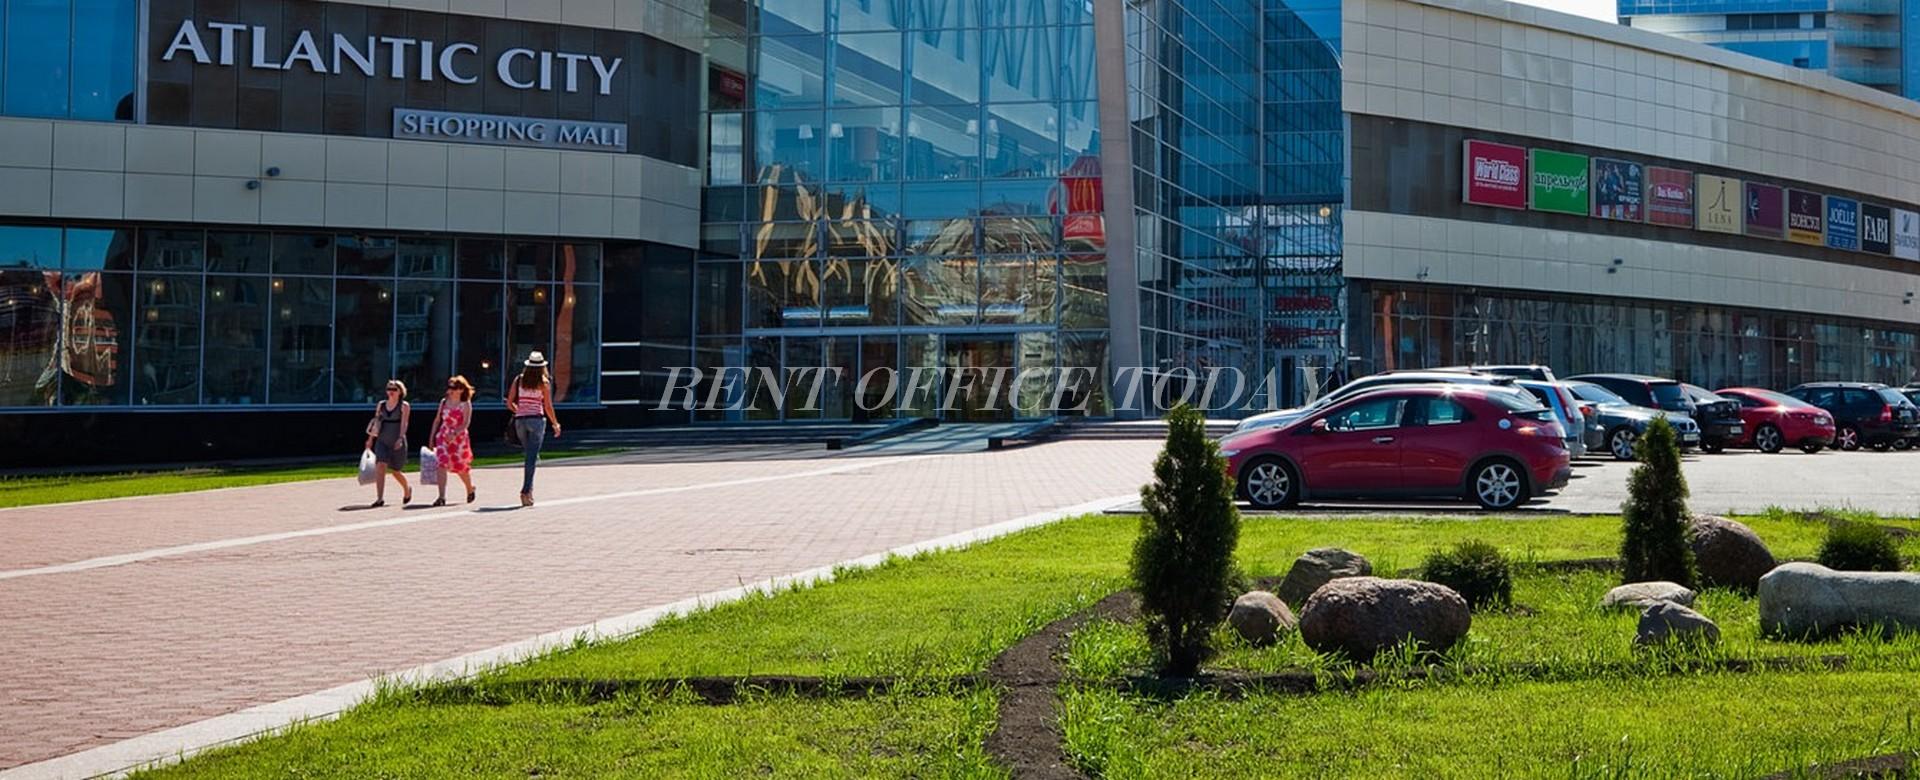 Бизнес центр Атлантик сити-1